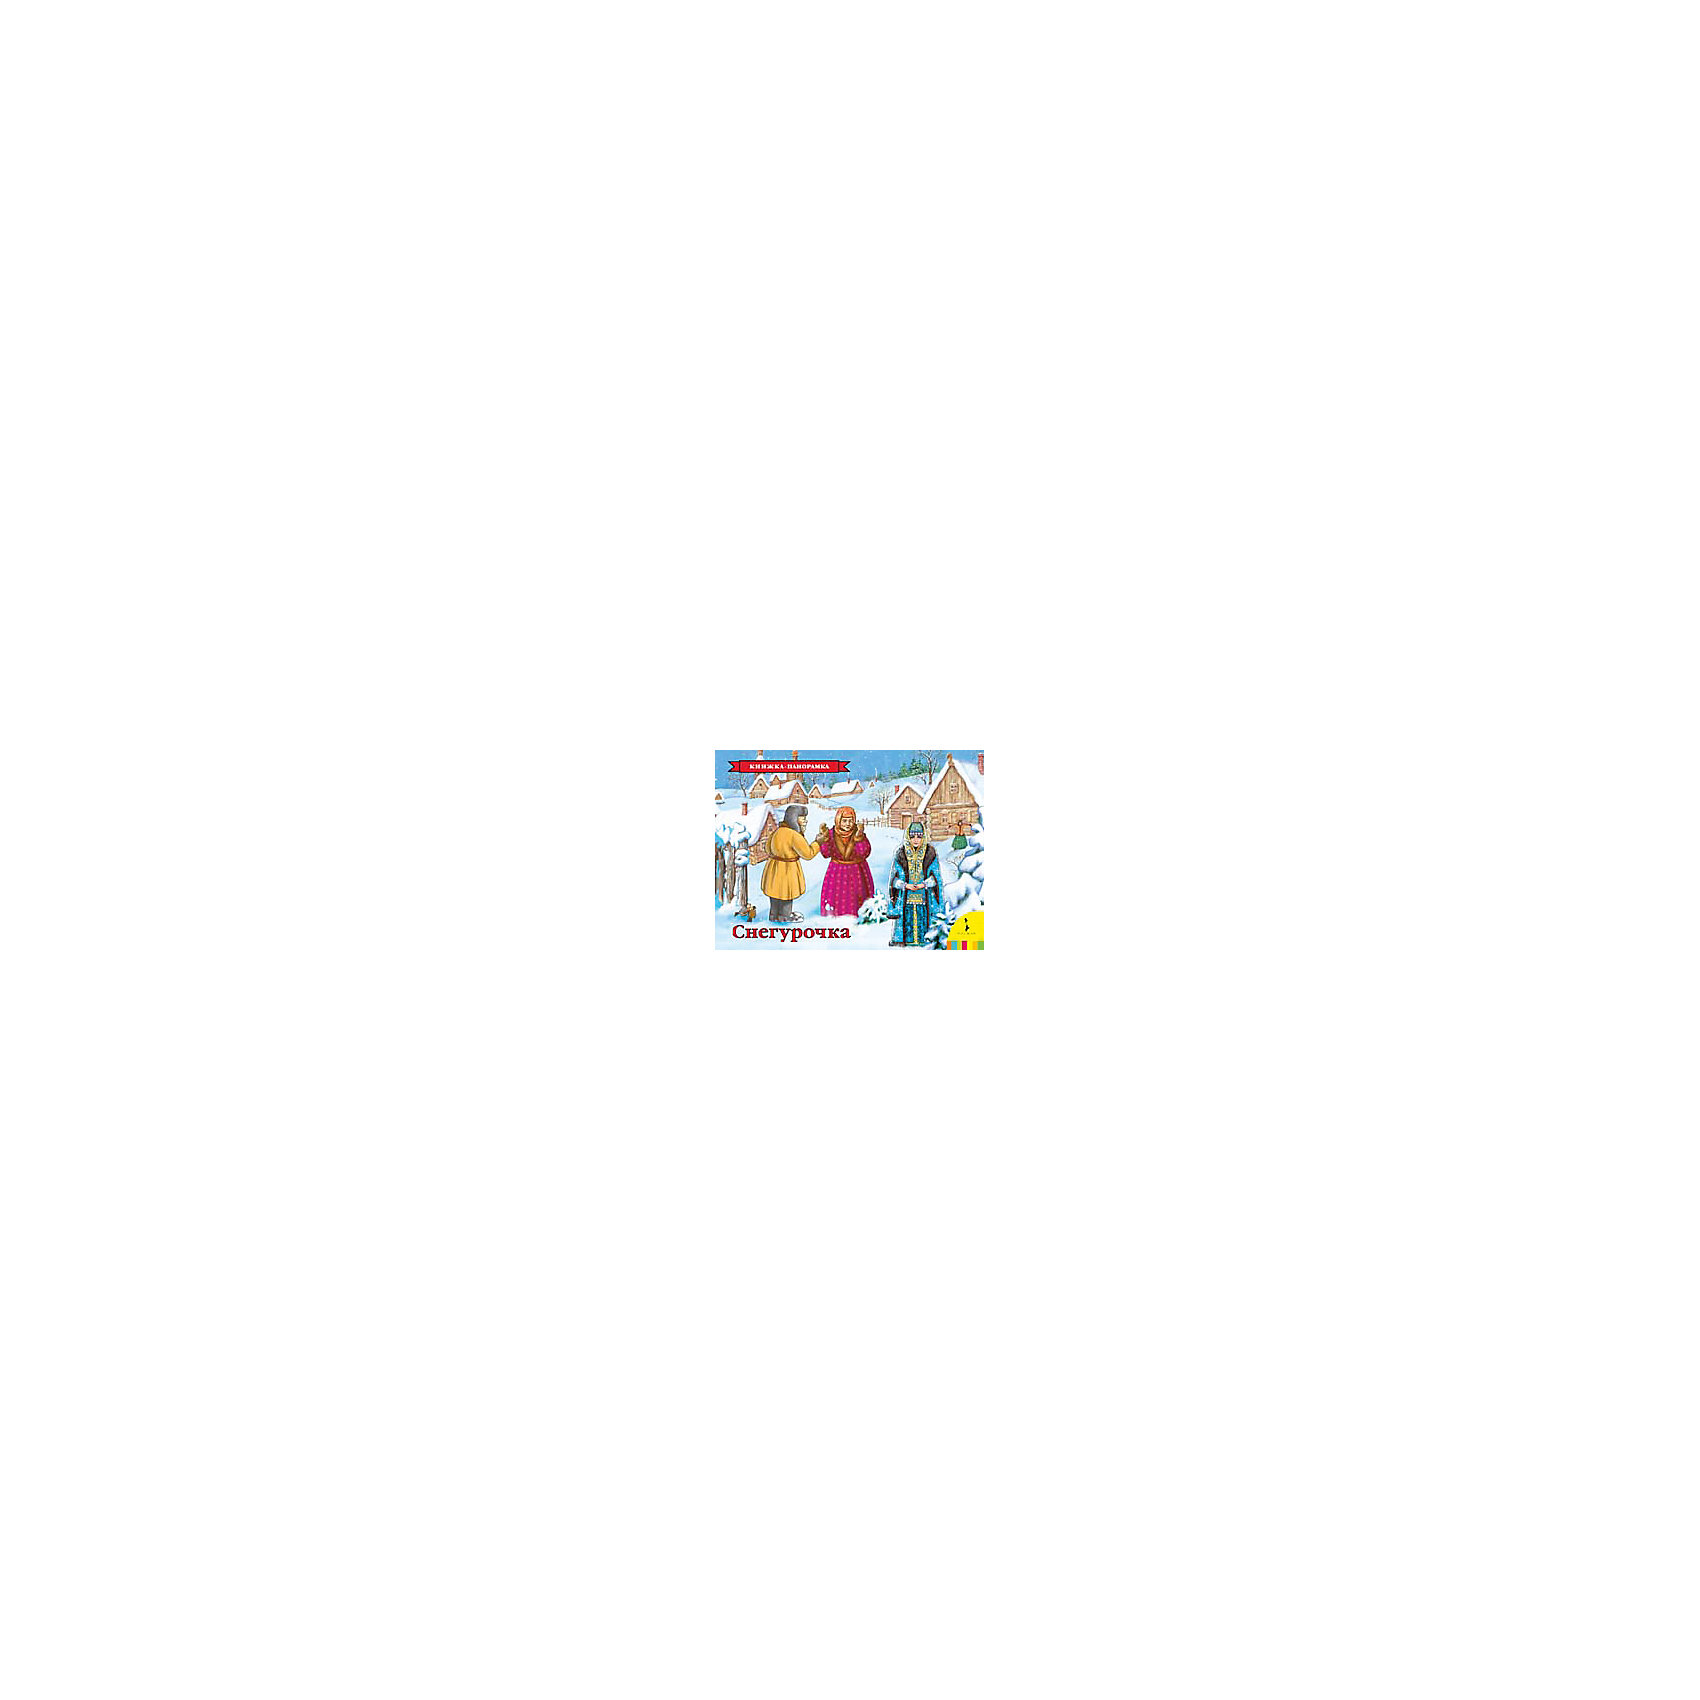 Снегурочка, панорамная книгаНовогодние книги<br>Серия панорамных книг включает все самые известные детские стихи и сказки. На каждом развороте раскрываются объемные панорамные конструкции и любимые персонажи оживают, а книжка превращается для малыша в настоящий театр!<br><br>Ширина мм: 256<br>Глубина мм: 195<br>Высота мм: 20<br>Вес г: 303<br>Возраст от месяцев: 0<br>Возраст до месяцев: 60<br>Пол: Унисекс<br>Возраст: Детский<br>SKU: 5016331